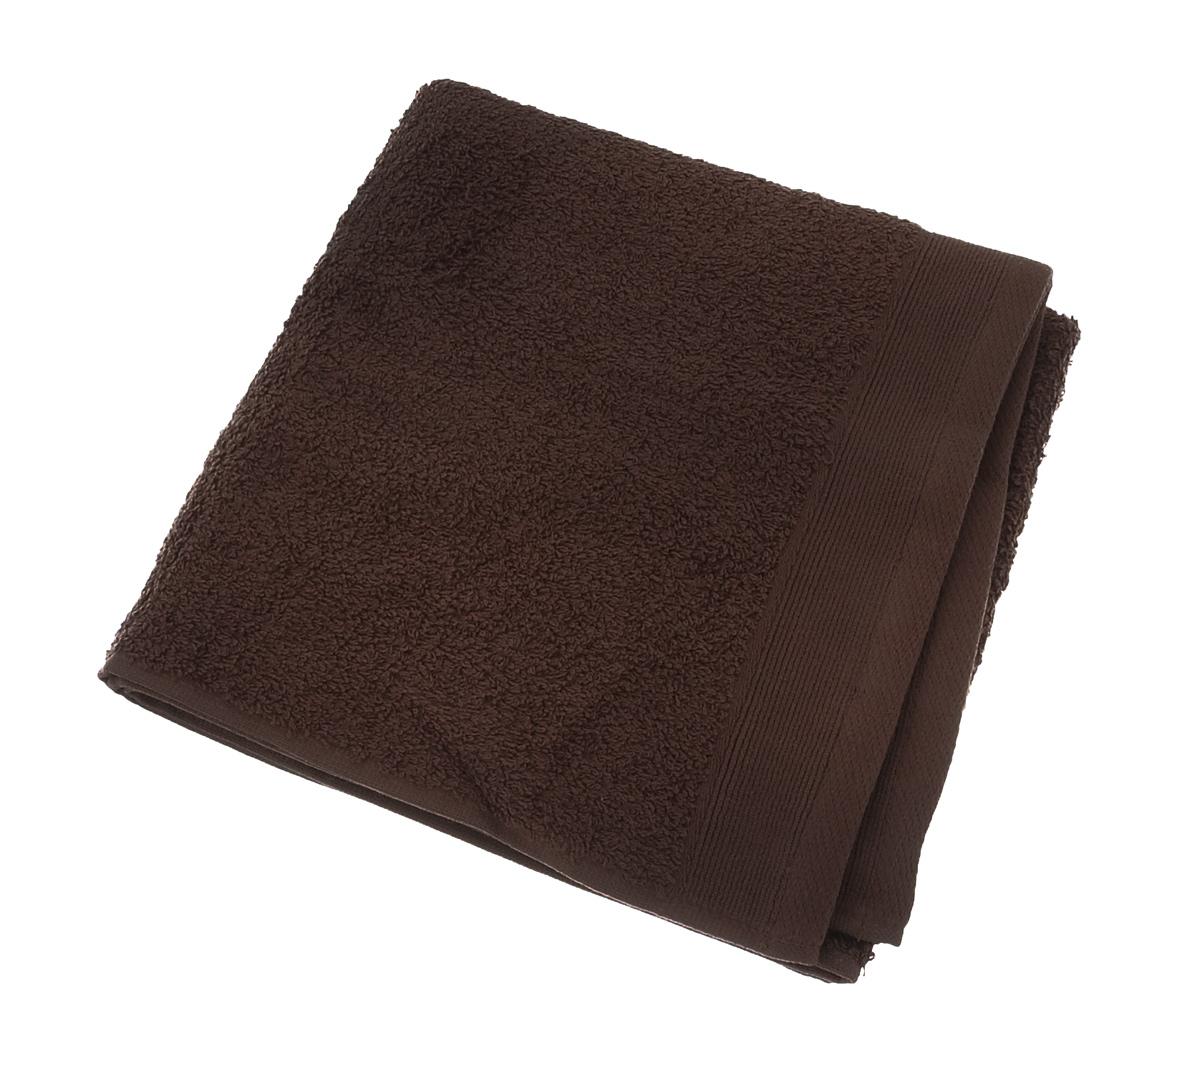 Полотенце махровое Guten Morgen, цвет: какао, 50 х 100 см531-105Махровое полотенце Guten Morgen, изготовленное из натурального хлопка, прекрасно впитывает влагу и быстро сохнет. Высокая плотность ткани делает полотенце мягкими, прочными и пушистыми. При соблюдении рекомендаций по уходу изделие сохраняет яркость цвета и не теряет форму даже после многократных стирок. Махровое полотенце Guten Morgen станет достойным выбором для вас и приятным подарком для ваших близких. Мягкость и высокое качество материала, из которого изготовлено полотенце, не оставит вас равнодушными.